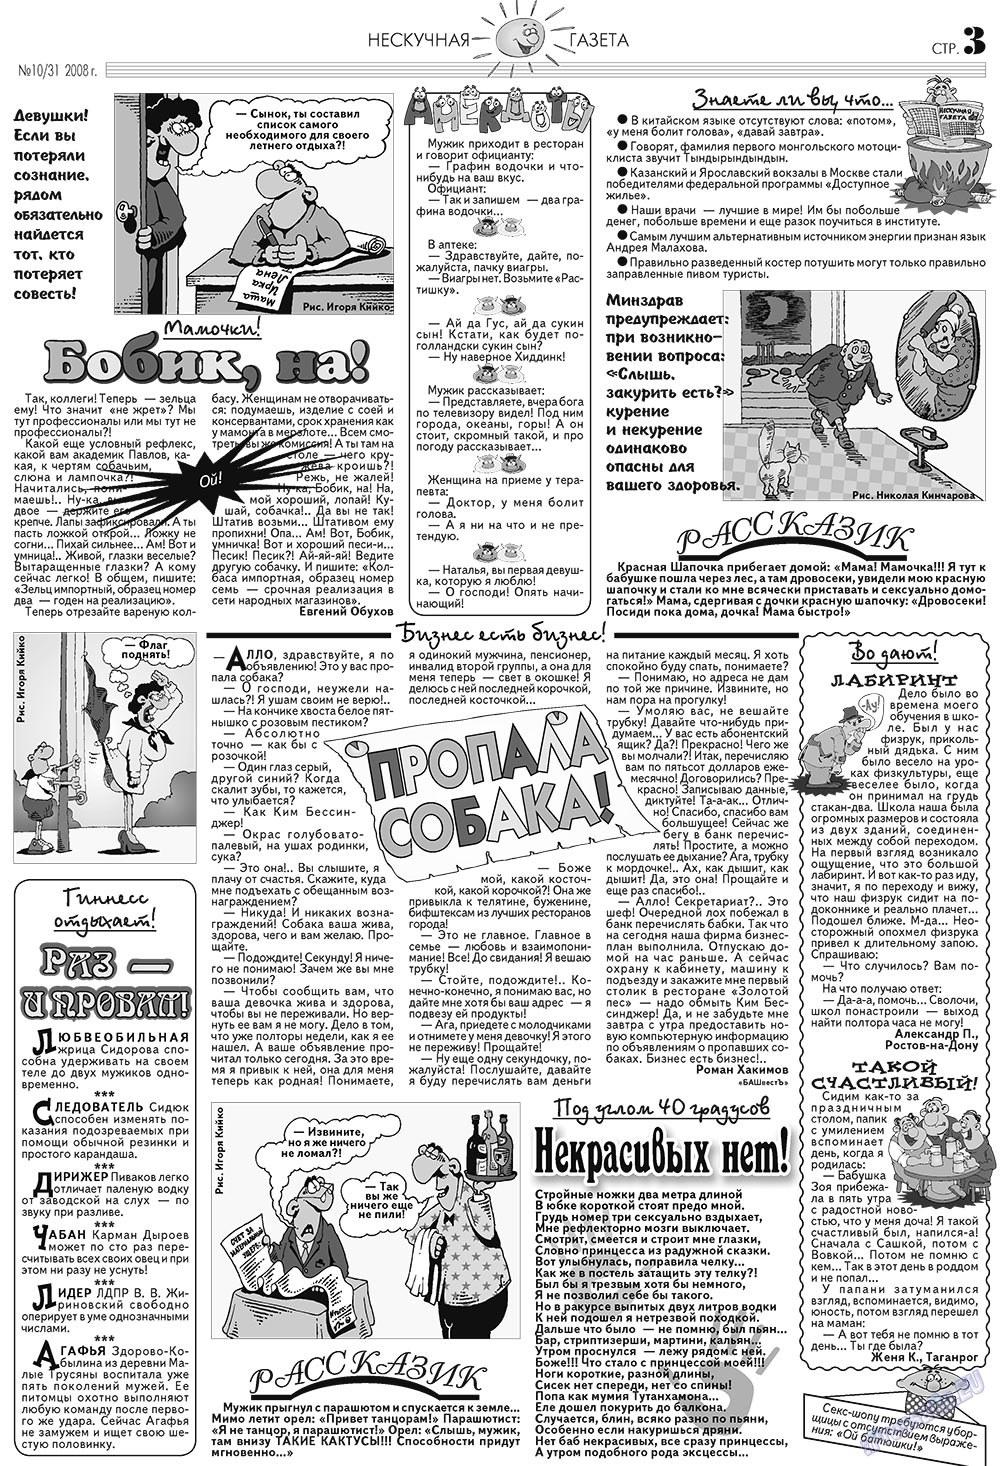 Нескучная газета (газета). 2008 год, номер 10, стр. 3